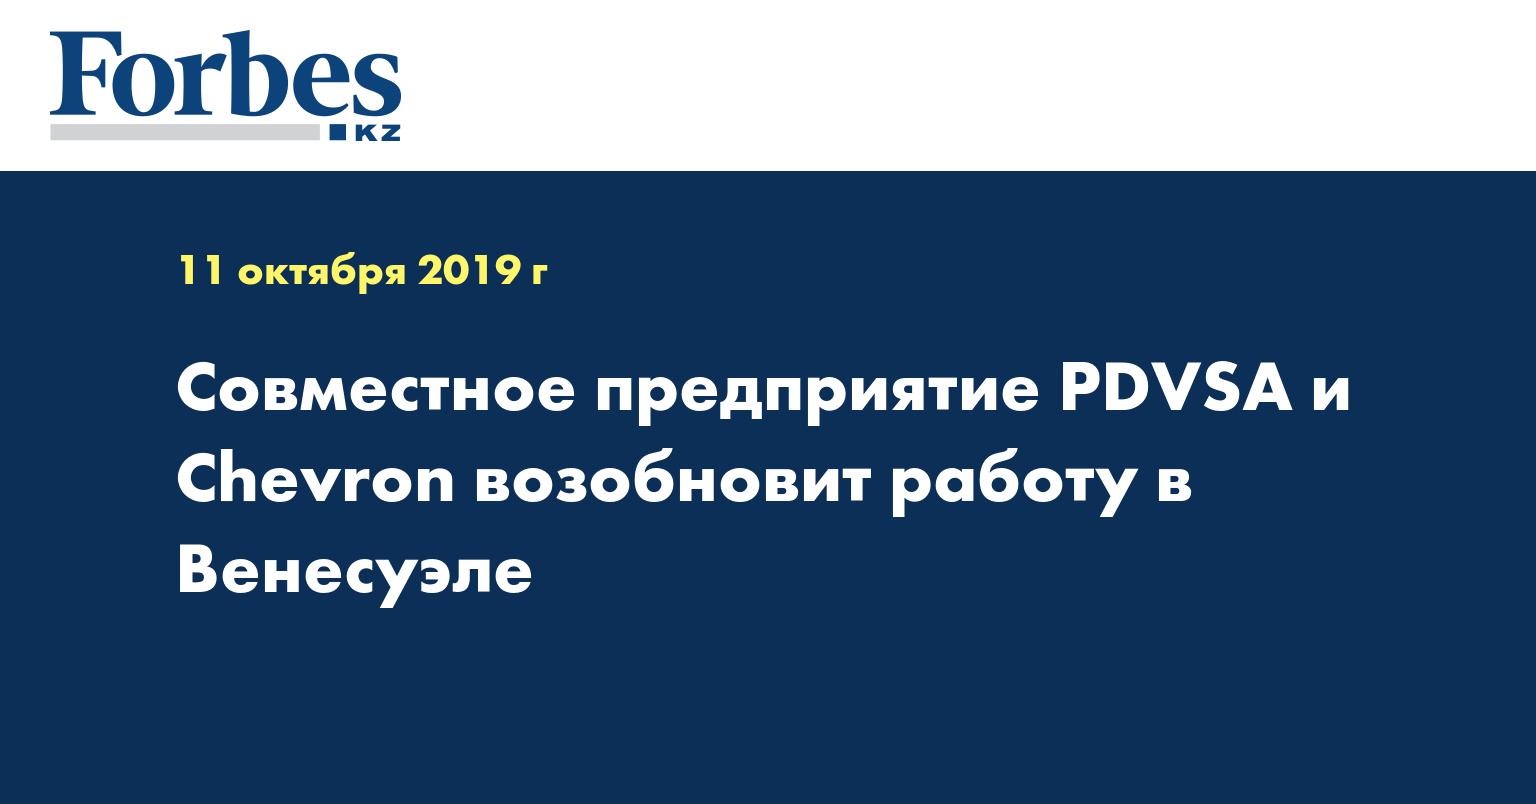 Совместное предприятие PDVSA и Chevron возобновит работу в Венесуэле